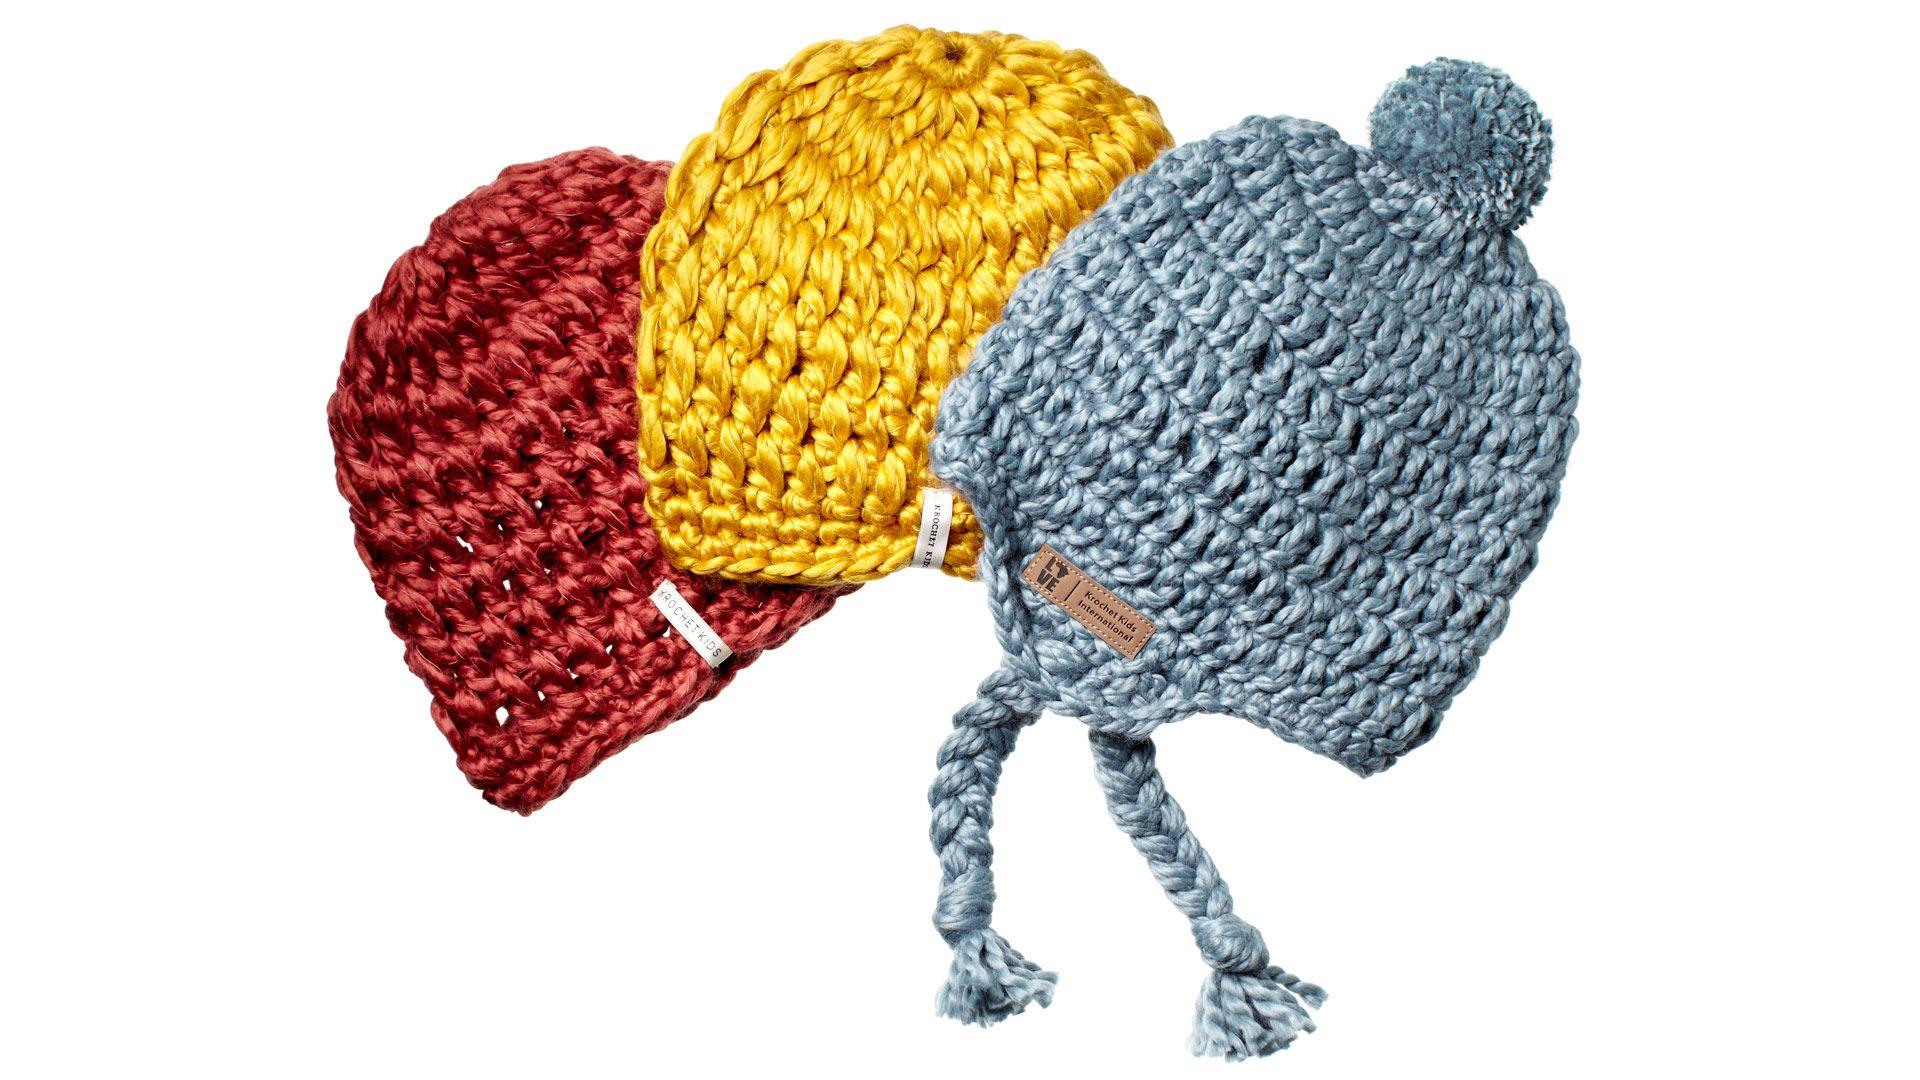 Krochet Kids International hats